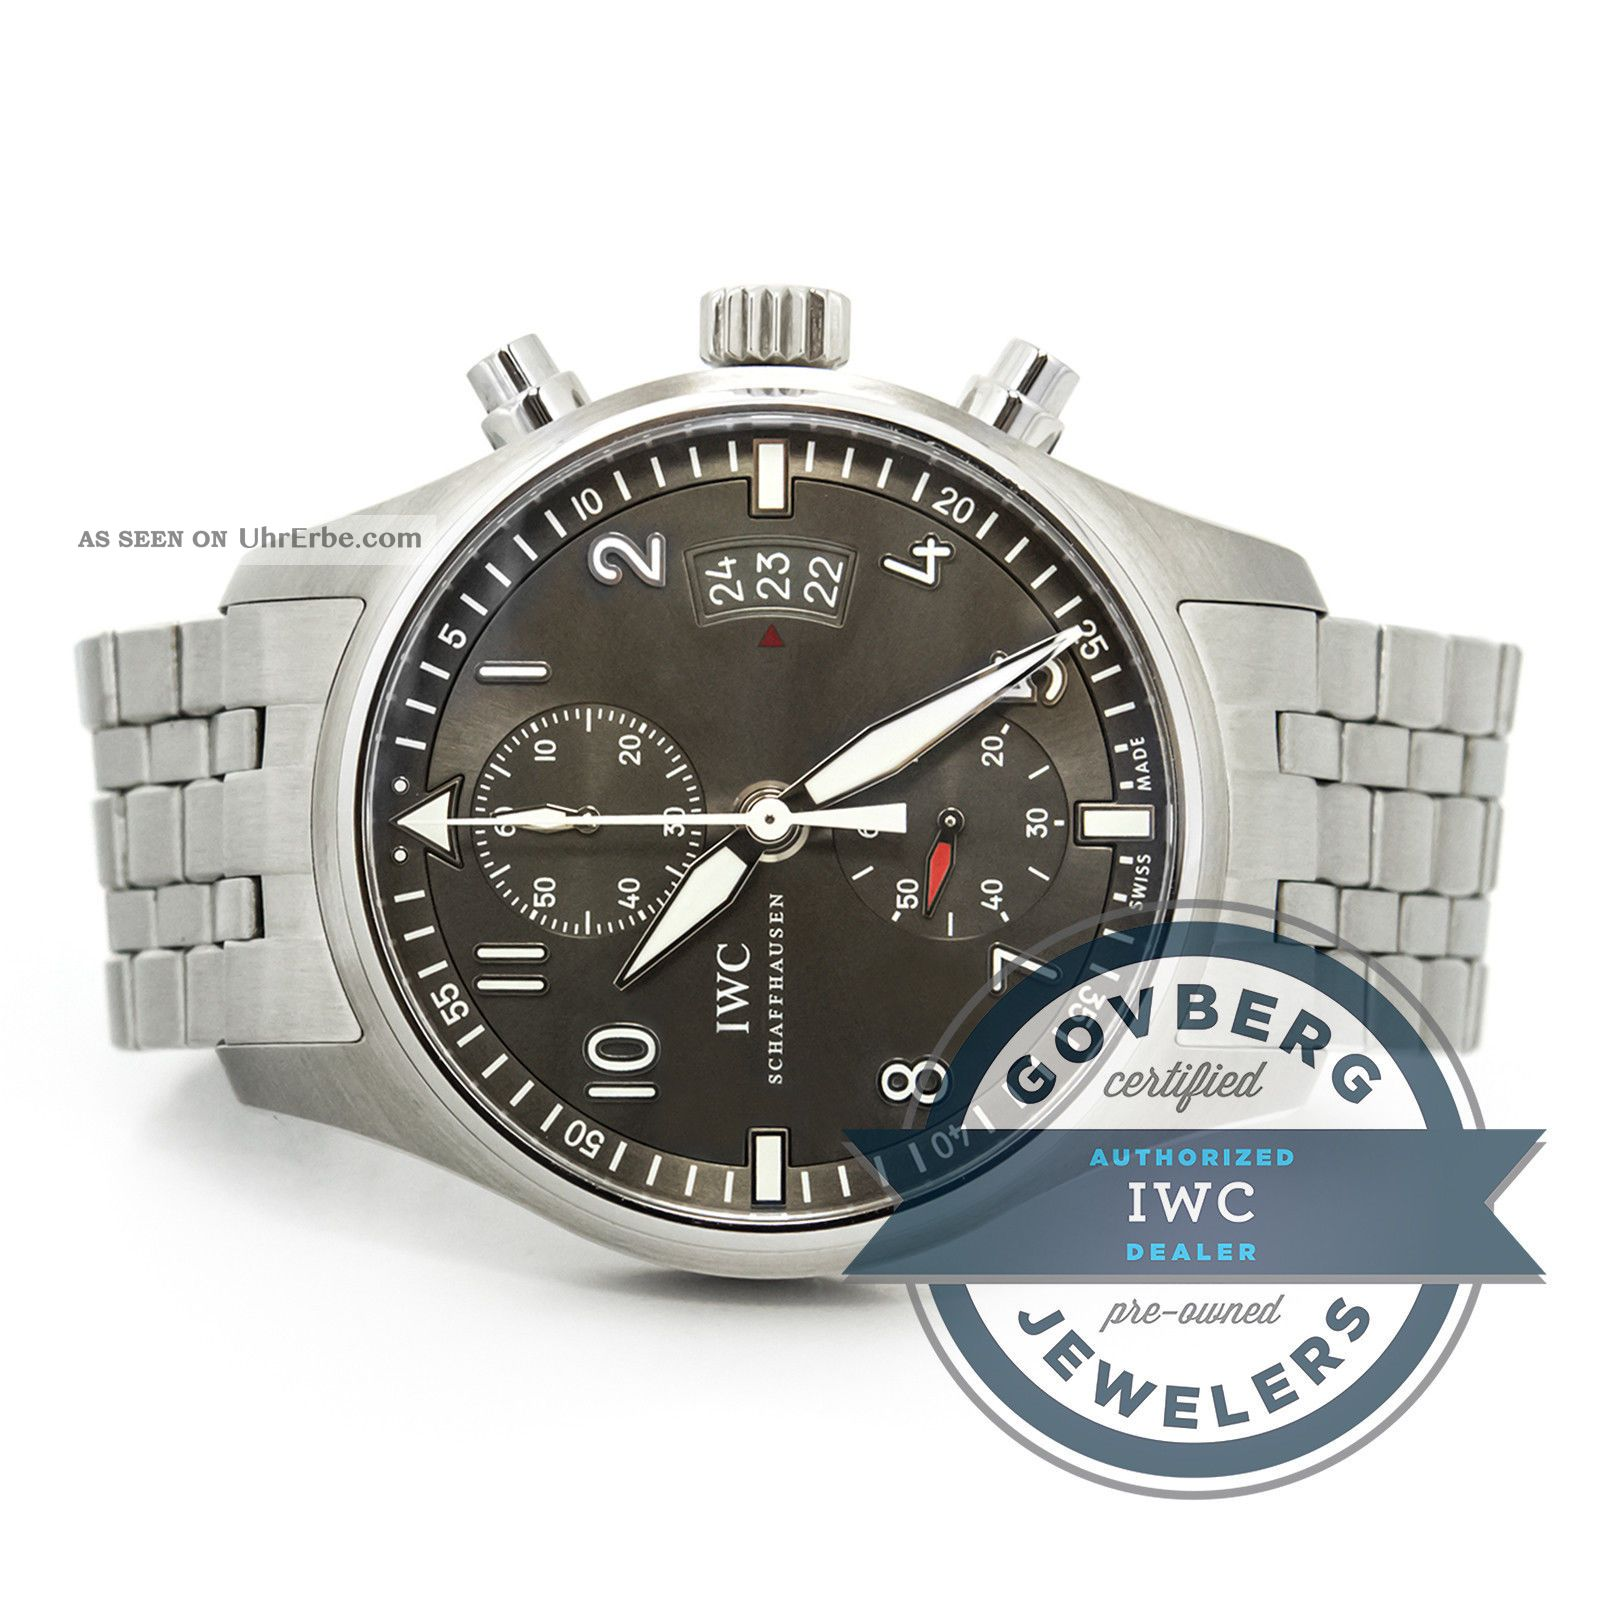 Iwc Fliege Spitfire Chronograph Stahl Automatisch Ardoise Zifferblatt Uhr Armbanduhren Bild